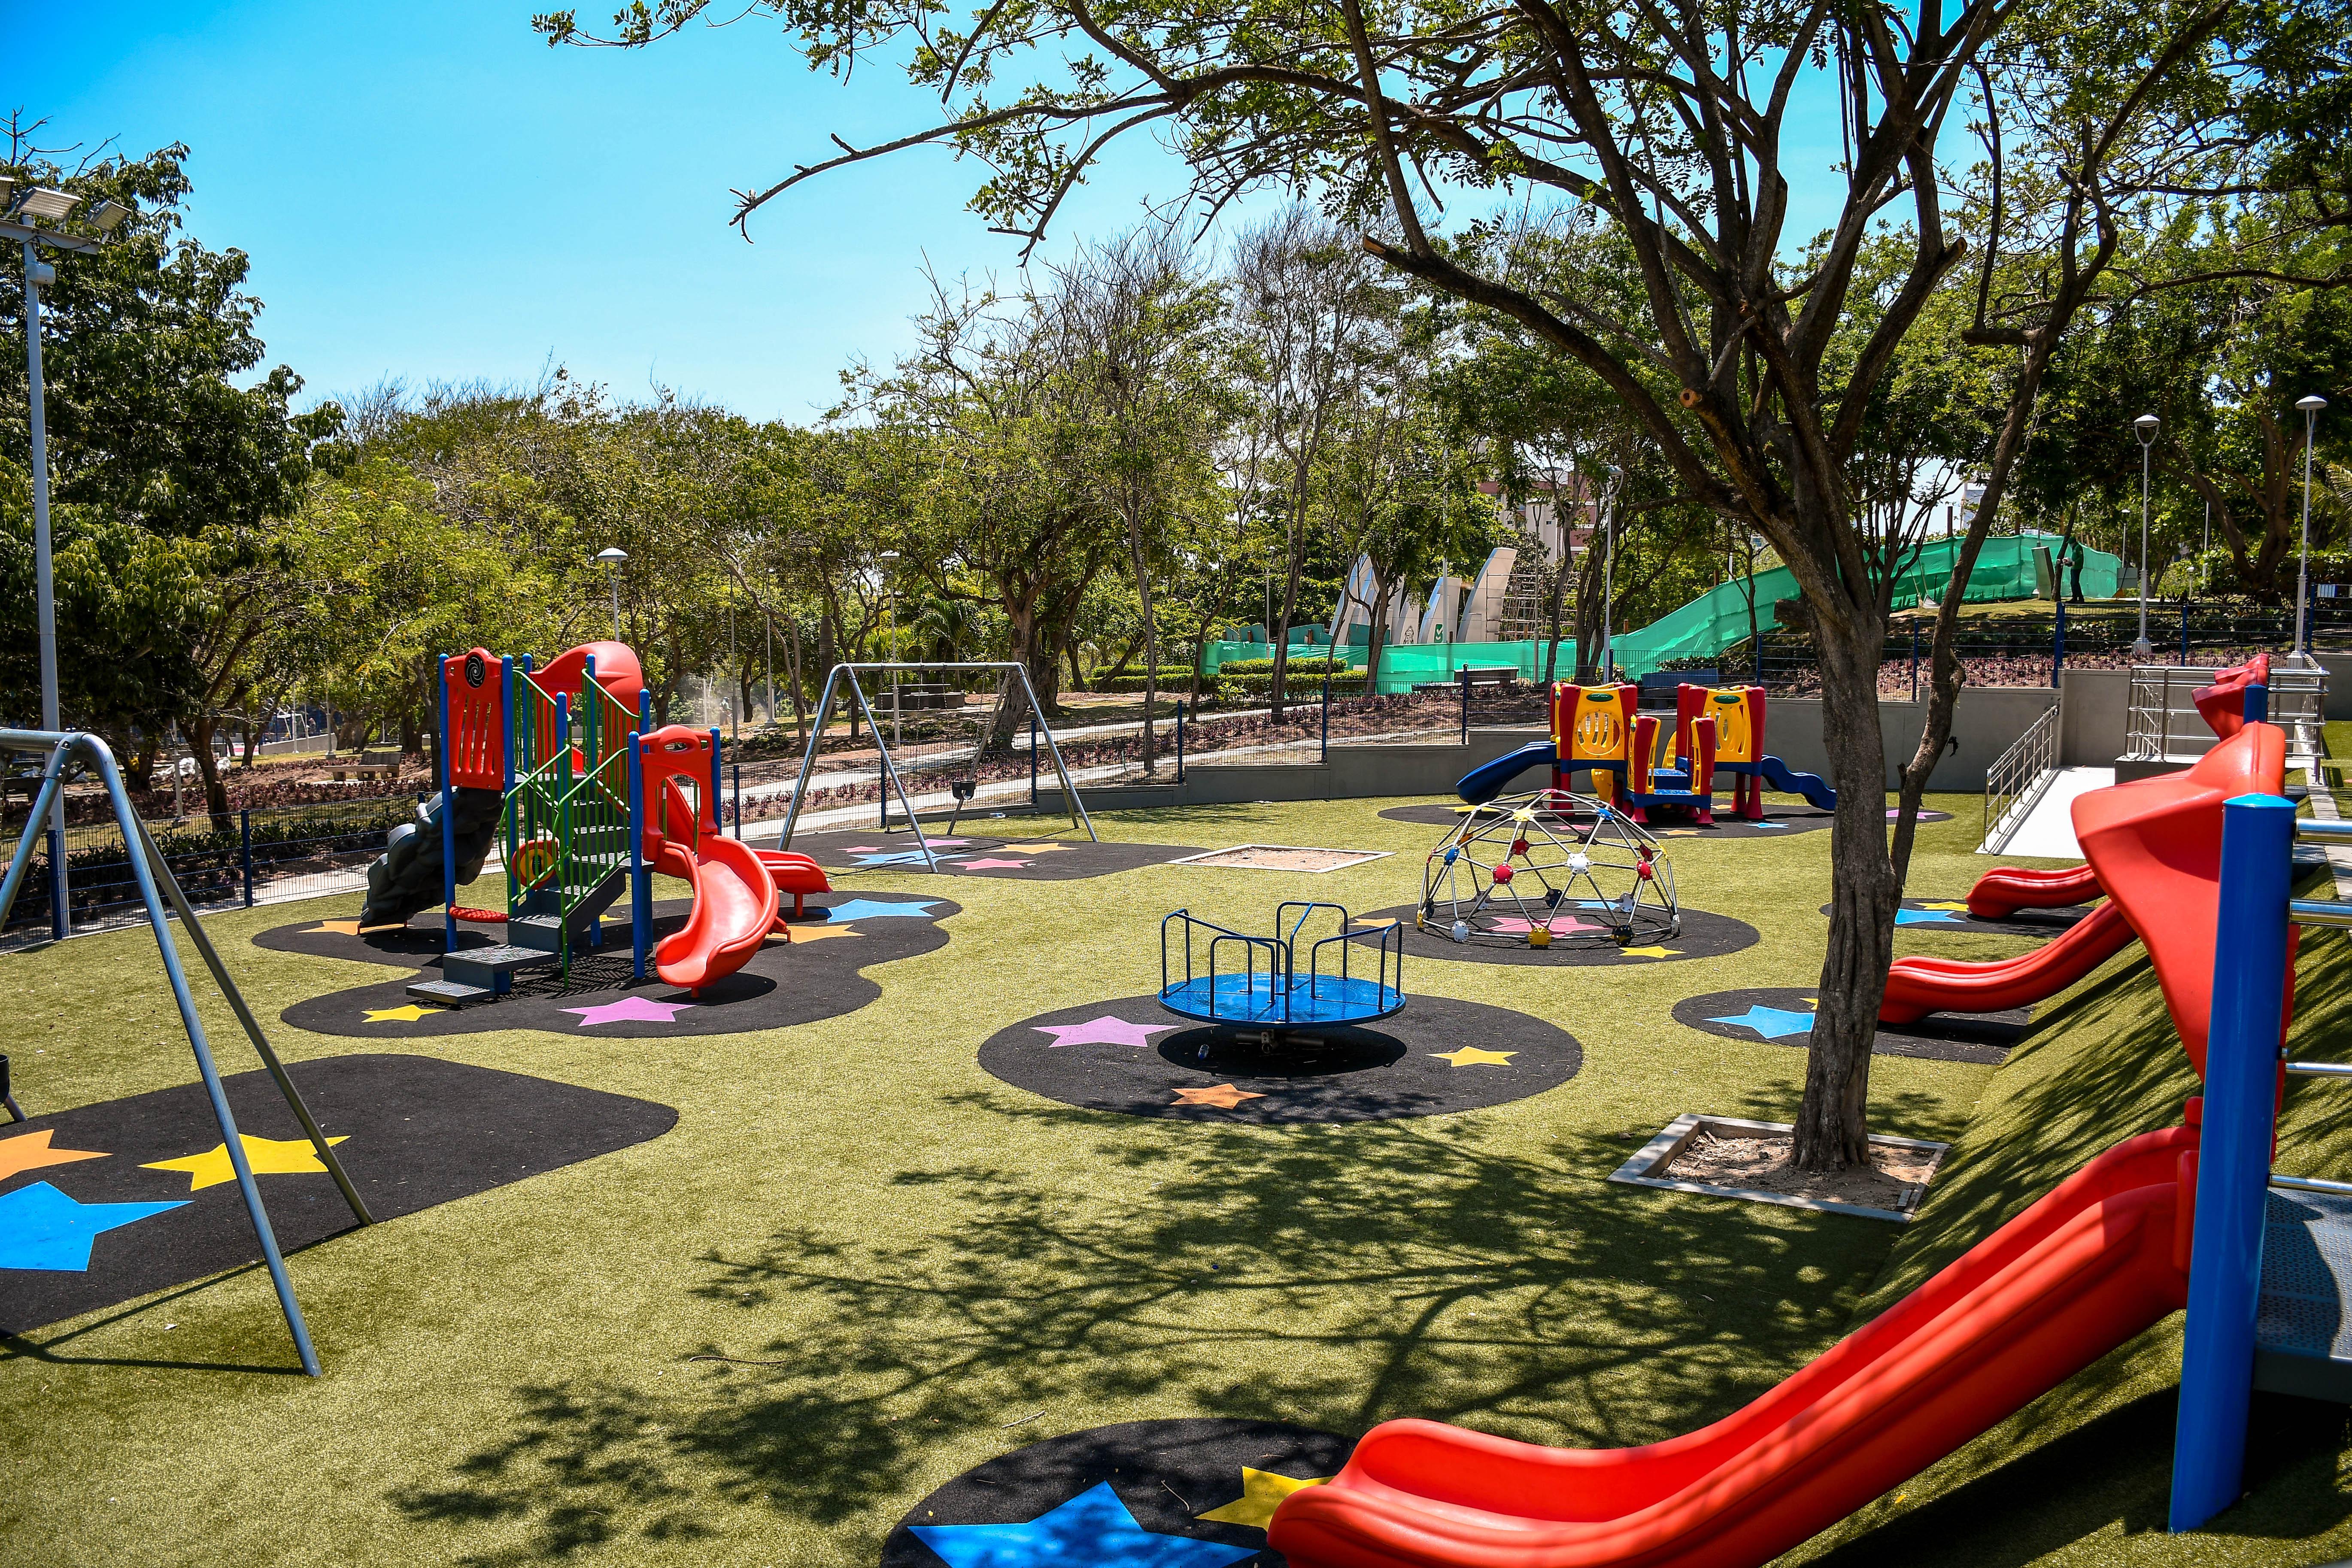 La nueva área infantil tendrá juegos y espacio verde.